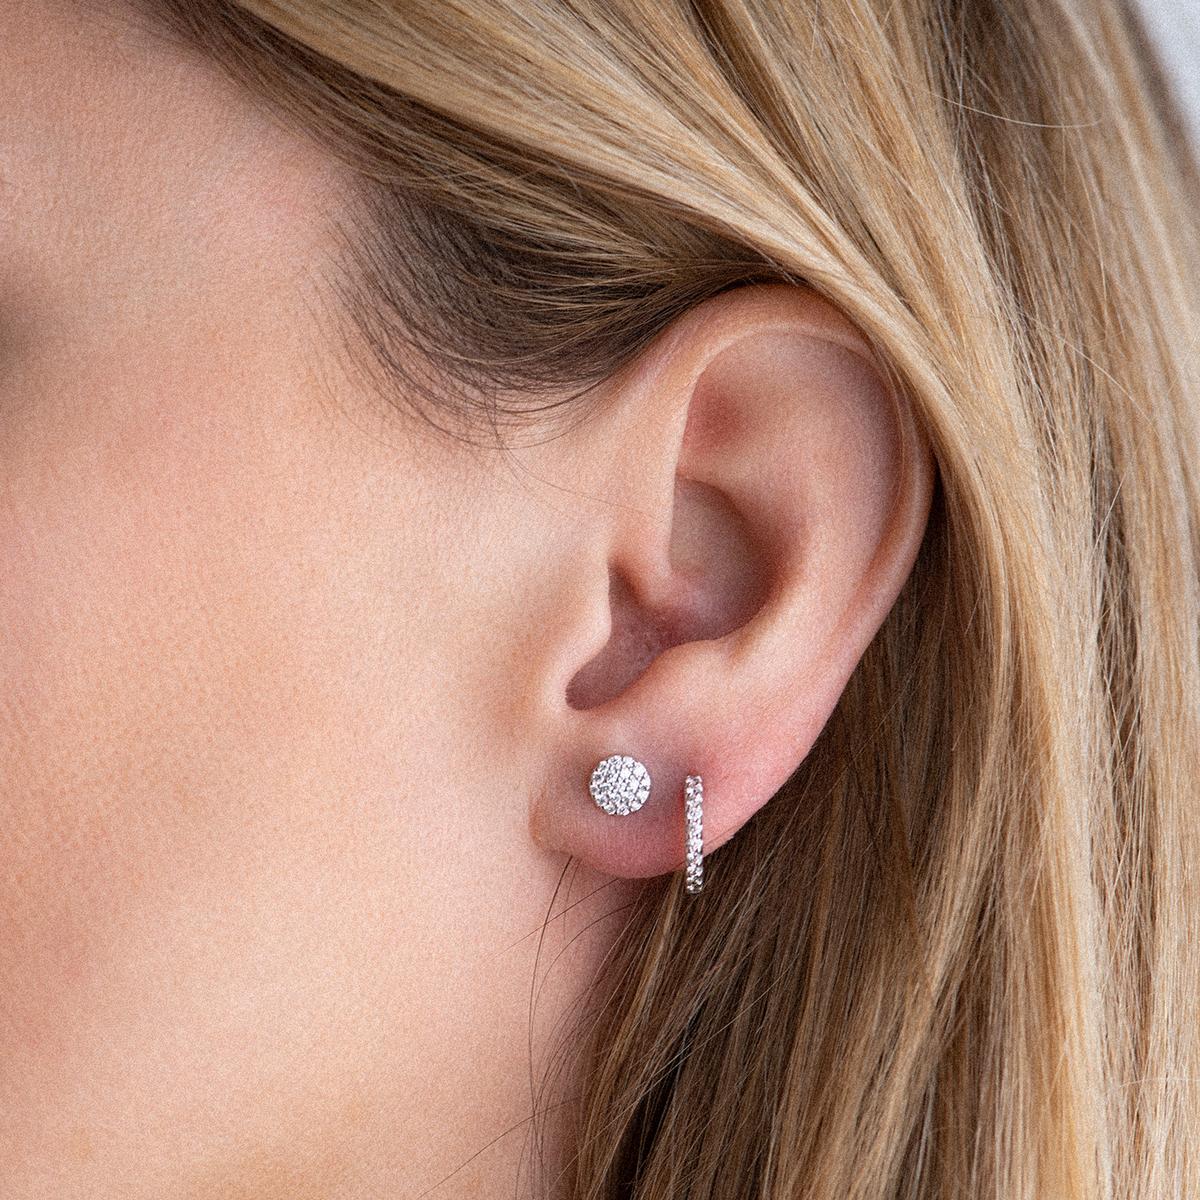 ischia basics earrings in rose gold